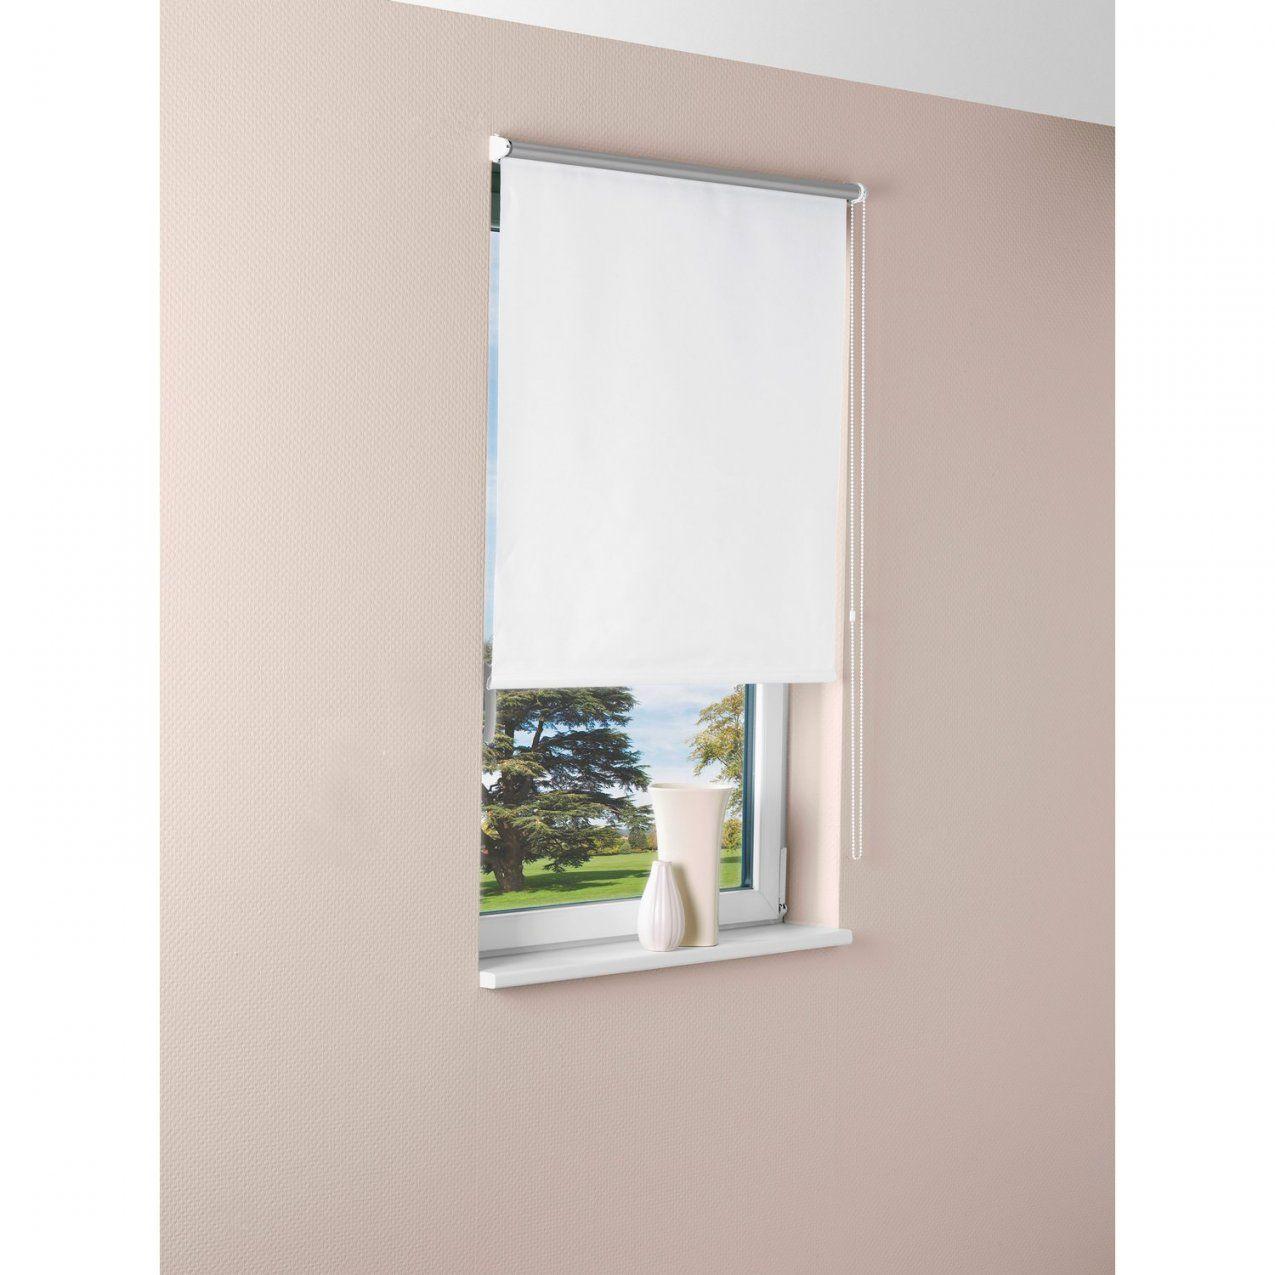 Obi Sonnenschutzrollo Pamplona 45 Cm X 175 Cm Weiß Kaufen Bei Obi von Rollo 45 Cm Breit Bild